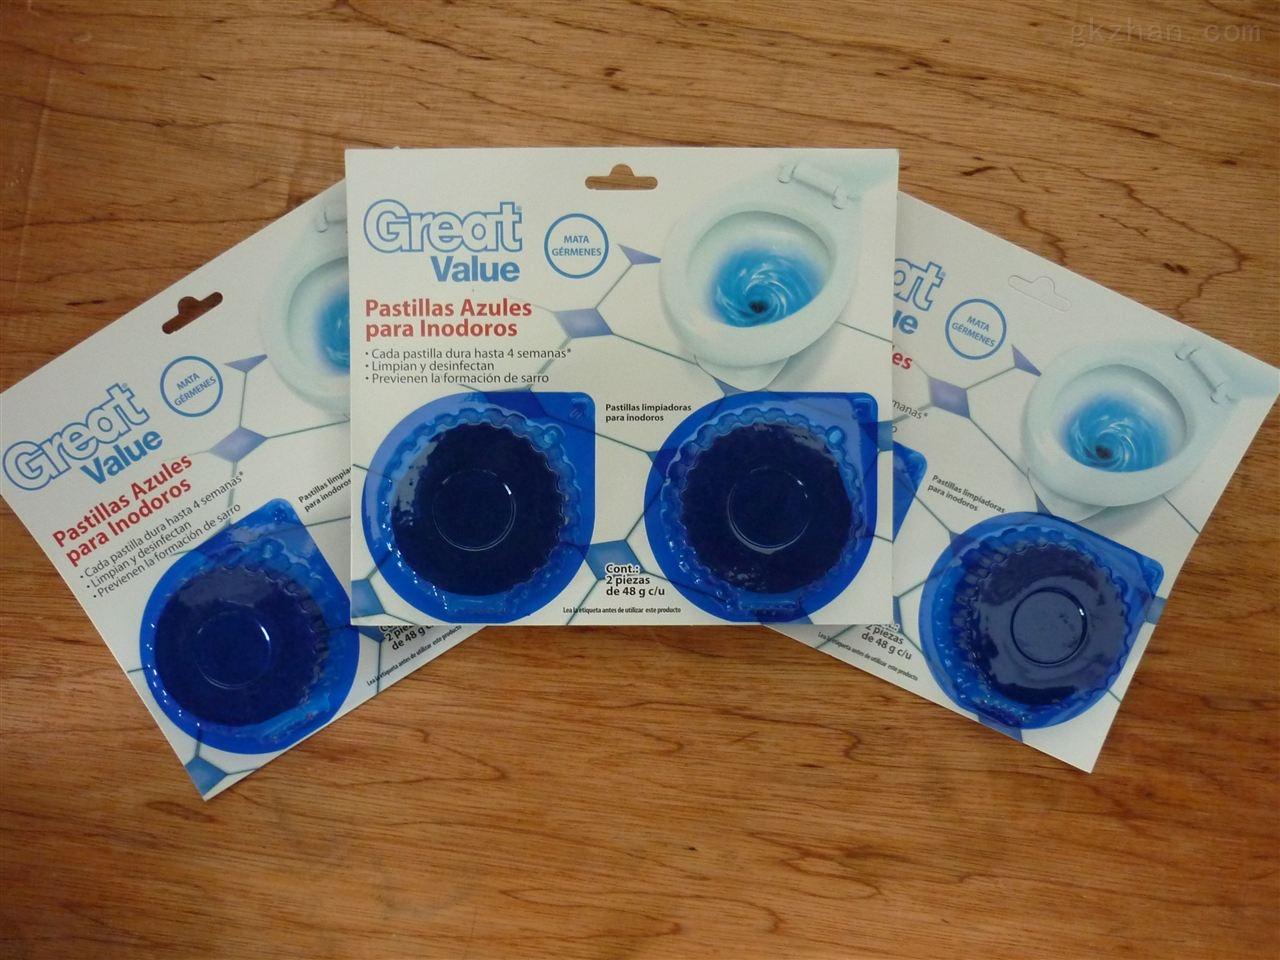 清洁用品蓝泡泡包装机械